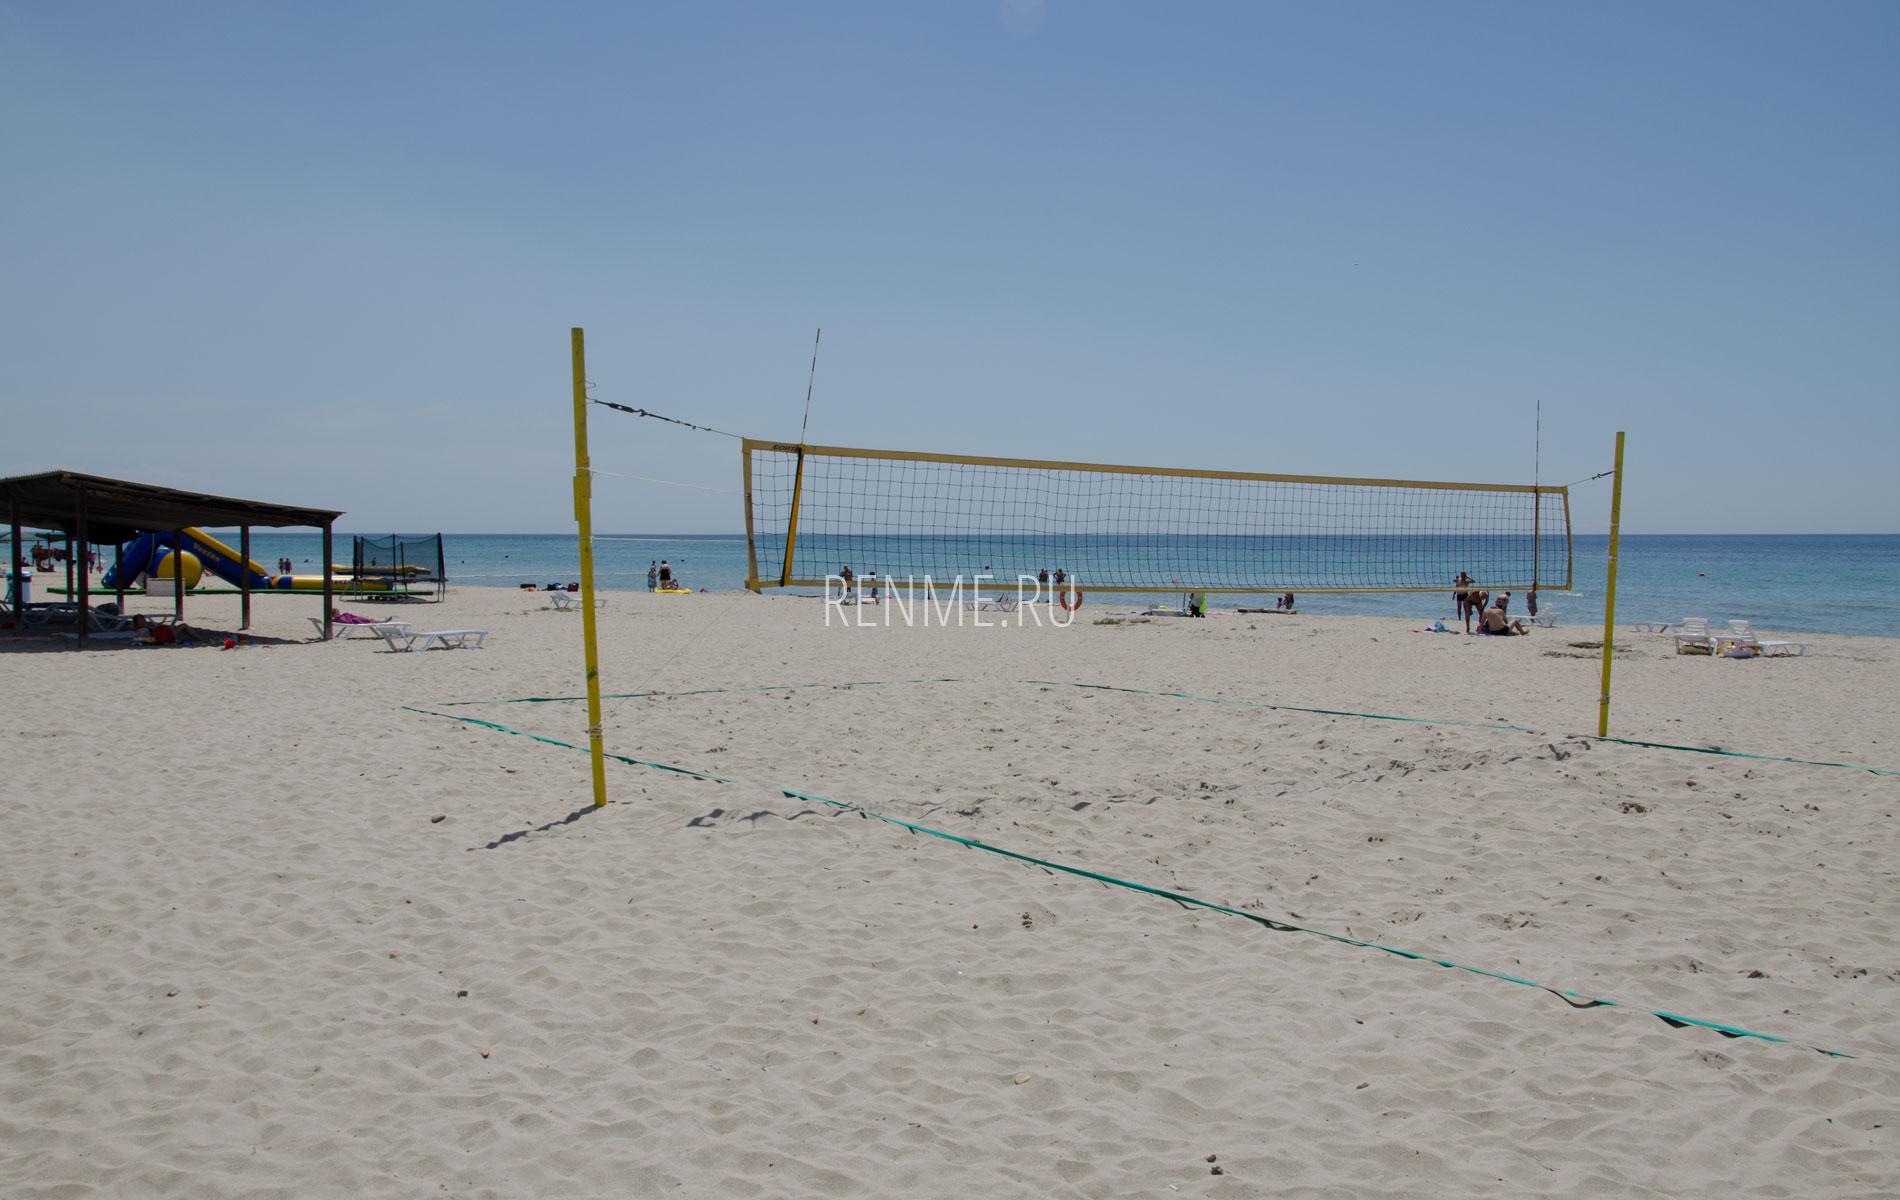 Волейбол на пляже. Фото Штормового